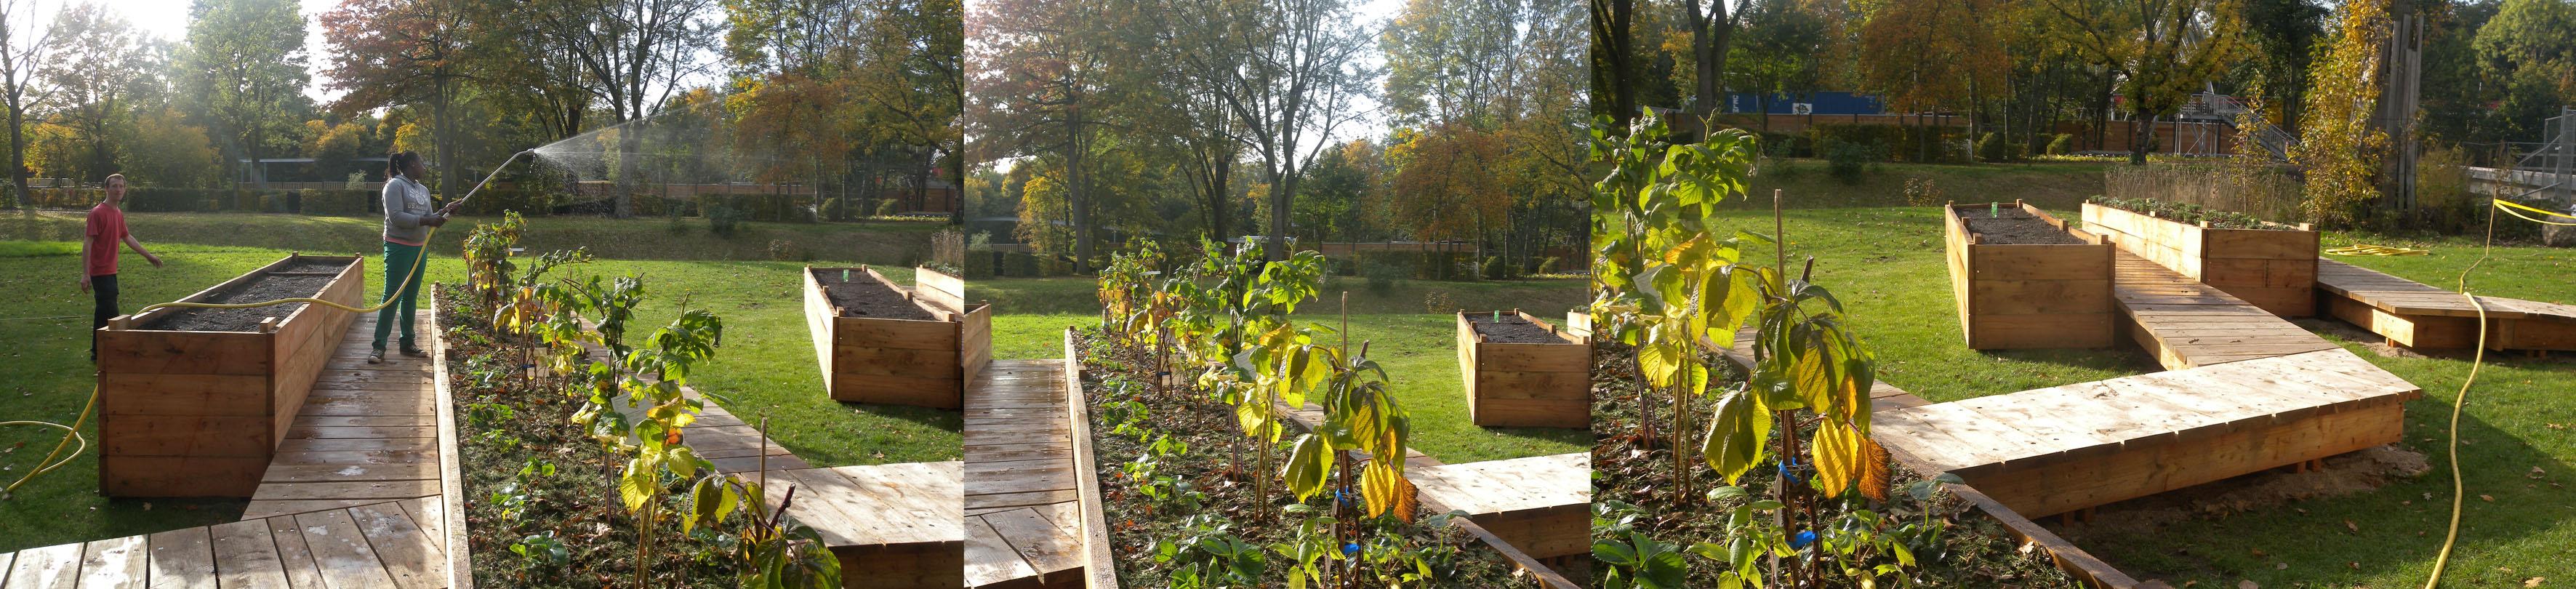 Heimat Garten Okt 2 kl